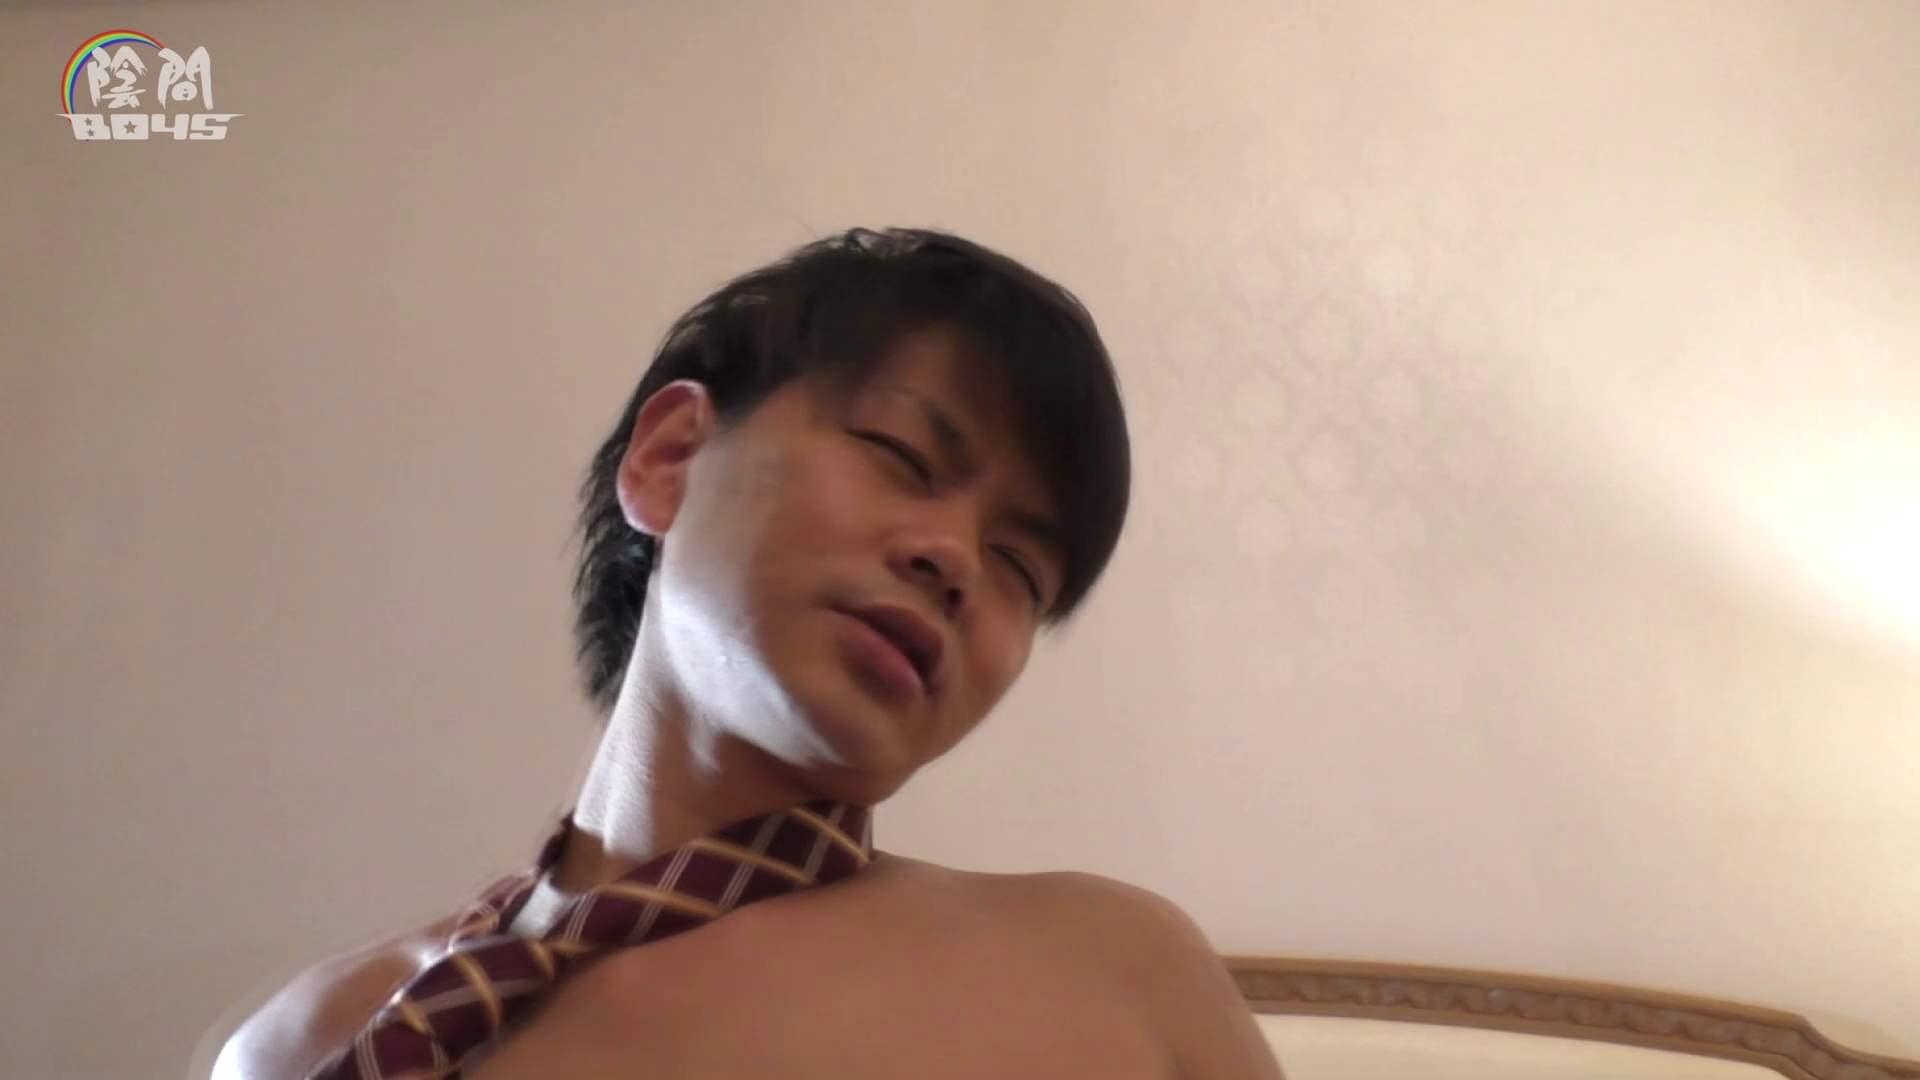 陰間BOYS~キャバクラの仕事はアナルから4 Vol.03 モザ無し ゲイフリーエロ画像 108枚 15